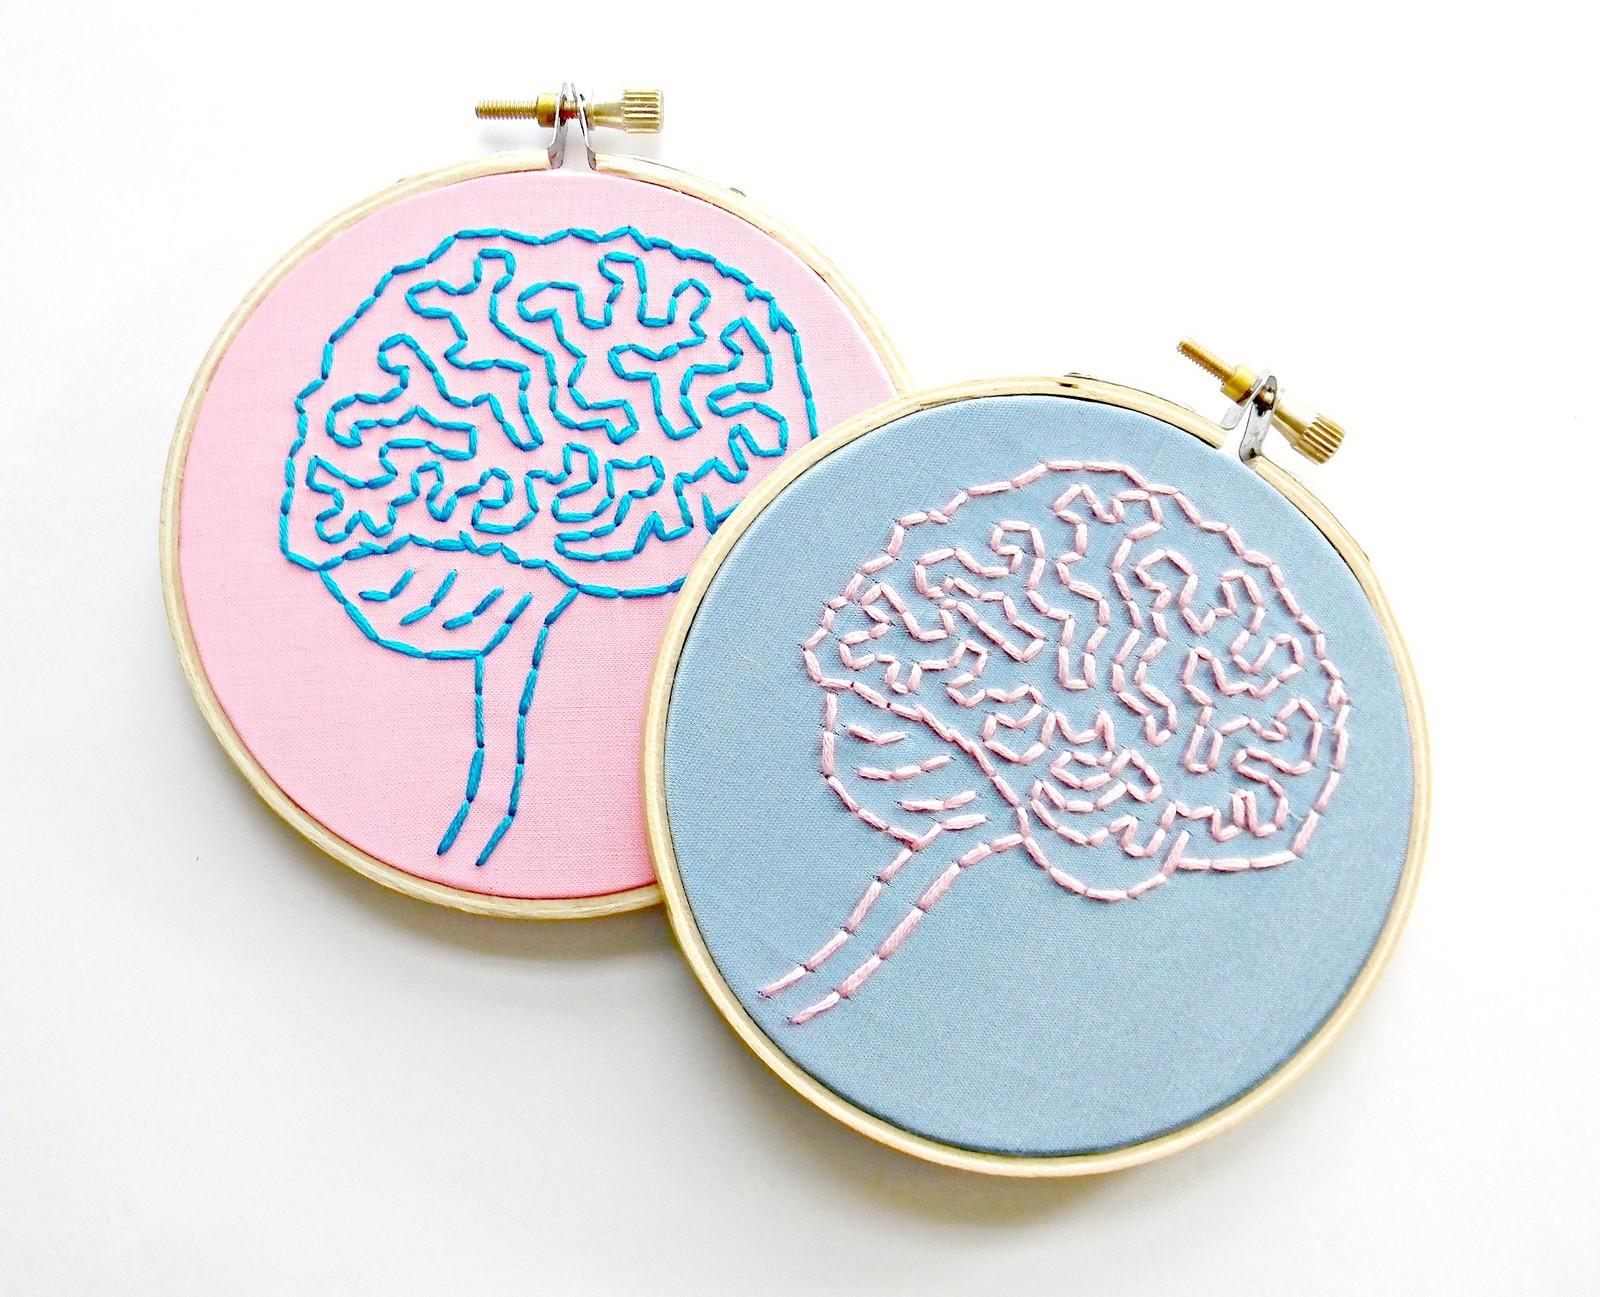 Como fixar memórias em seu cérebro? (Foto: Flickr/ Creative Commons)